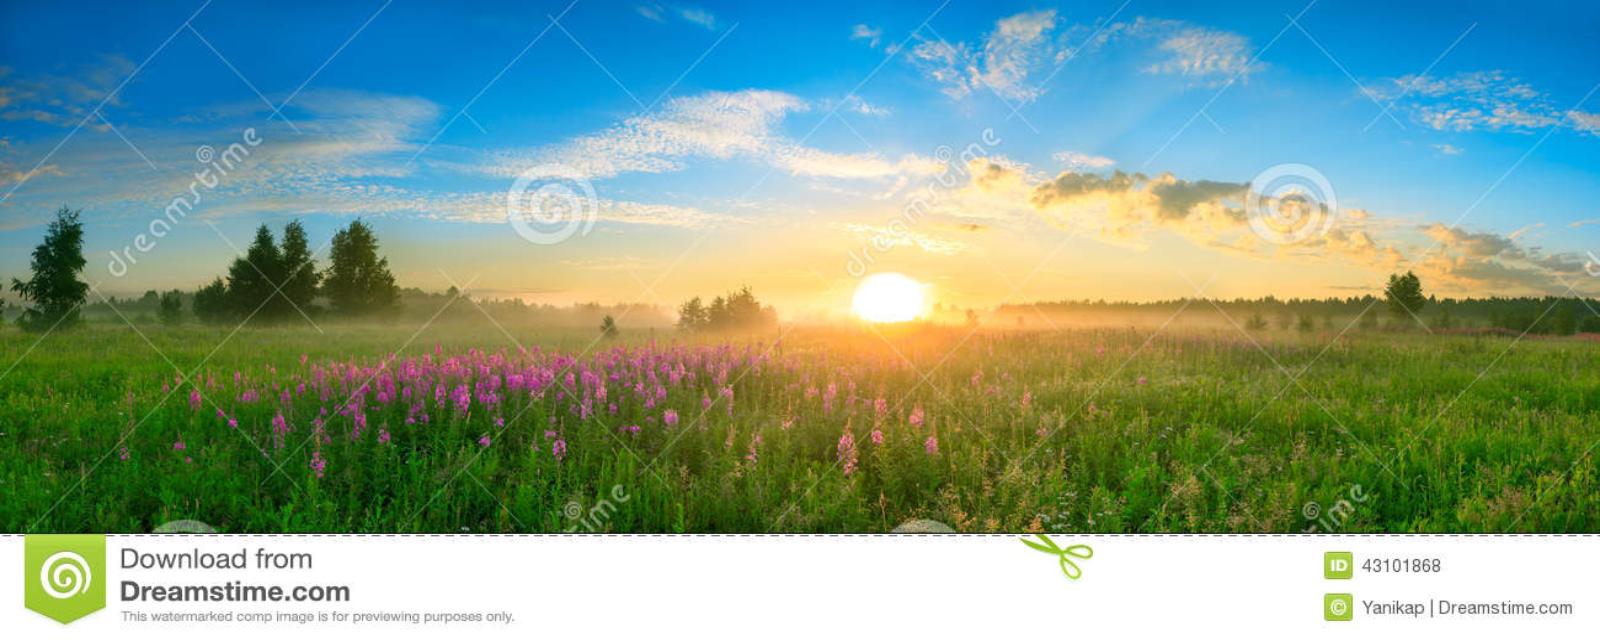 Landschap met de zonsopgang, een het tot bloei komen weidepanorama